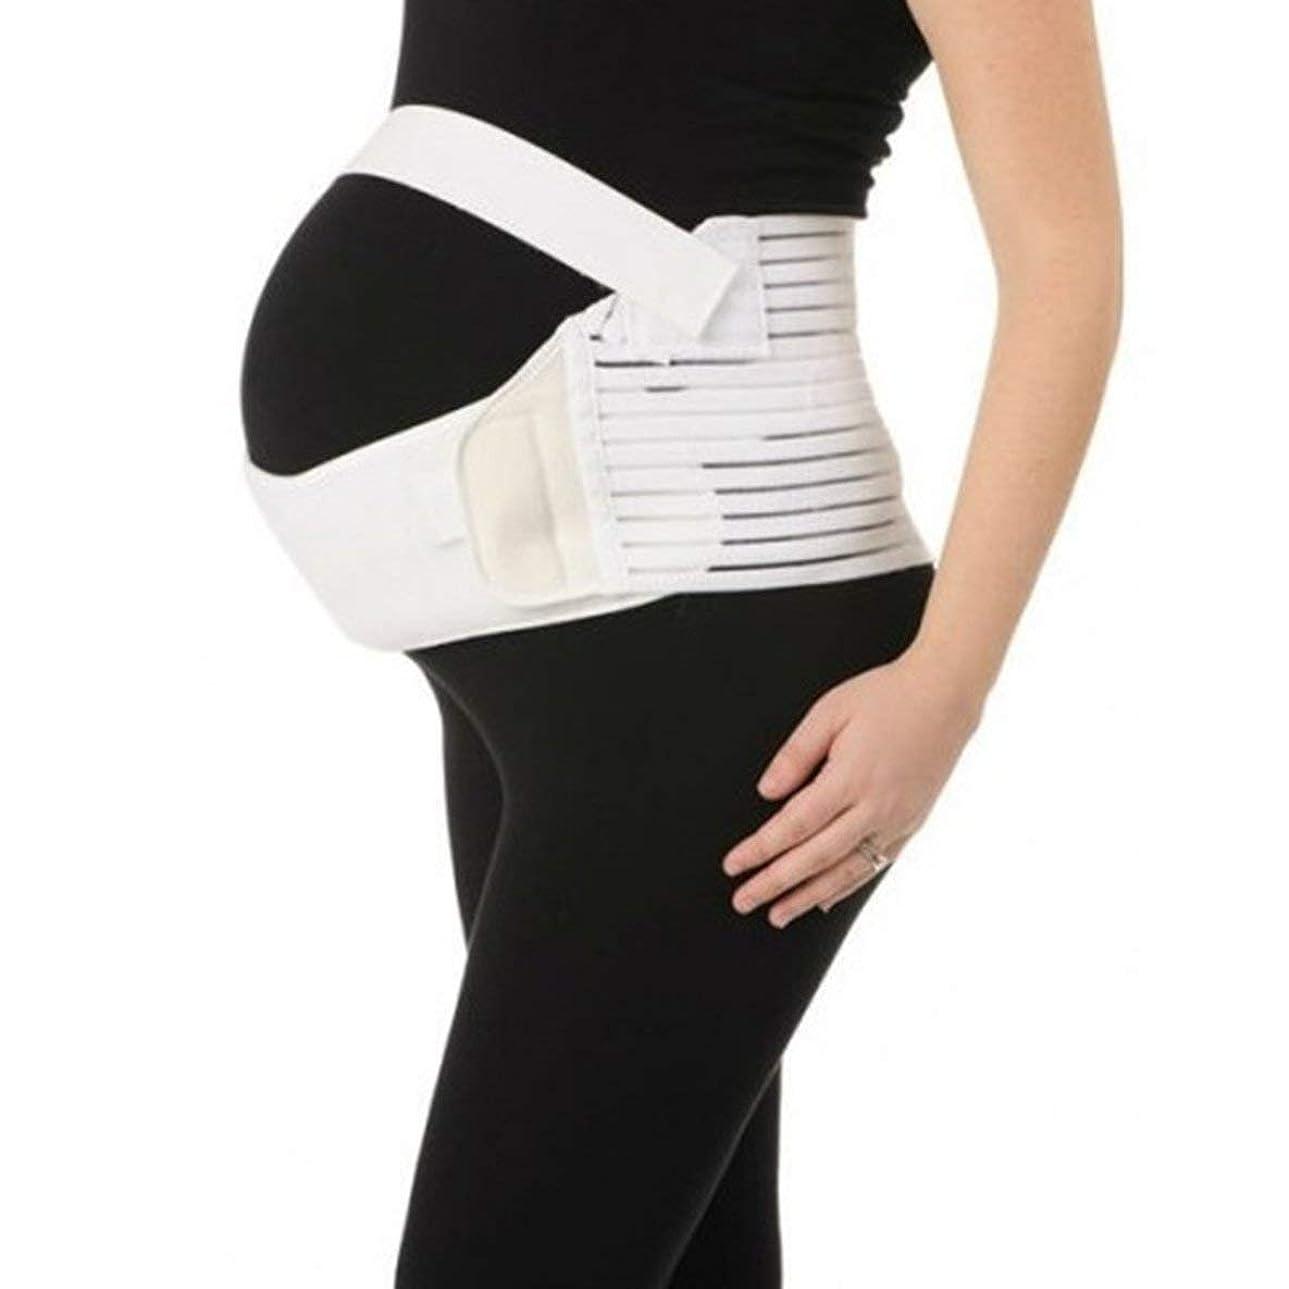 超高層ビル見出し不格好通気性産科ベルト妊娠腹部サポート腹部バインダーガードル運動包帯産後の回復形状ウェア - ホワイトM